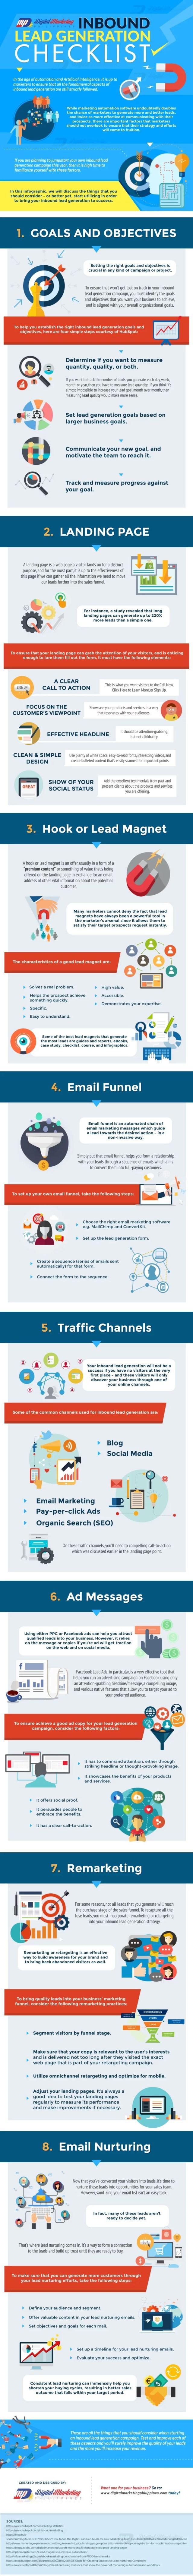 Inbound Lead Generation Checklist [Infographic]